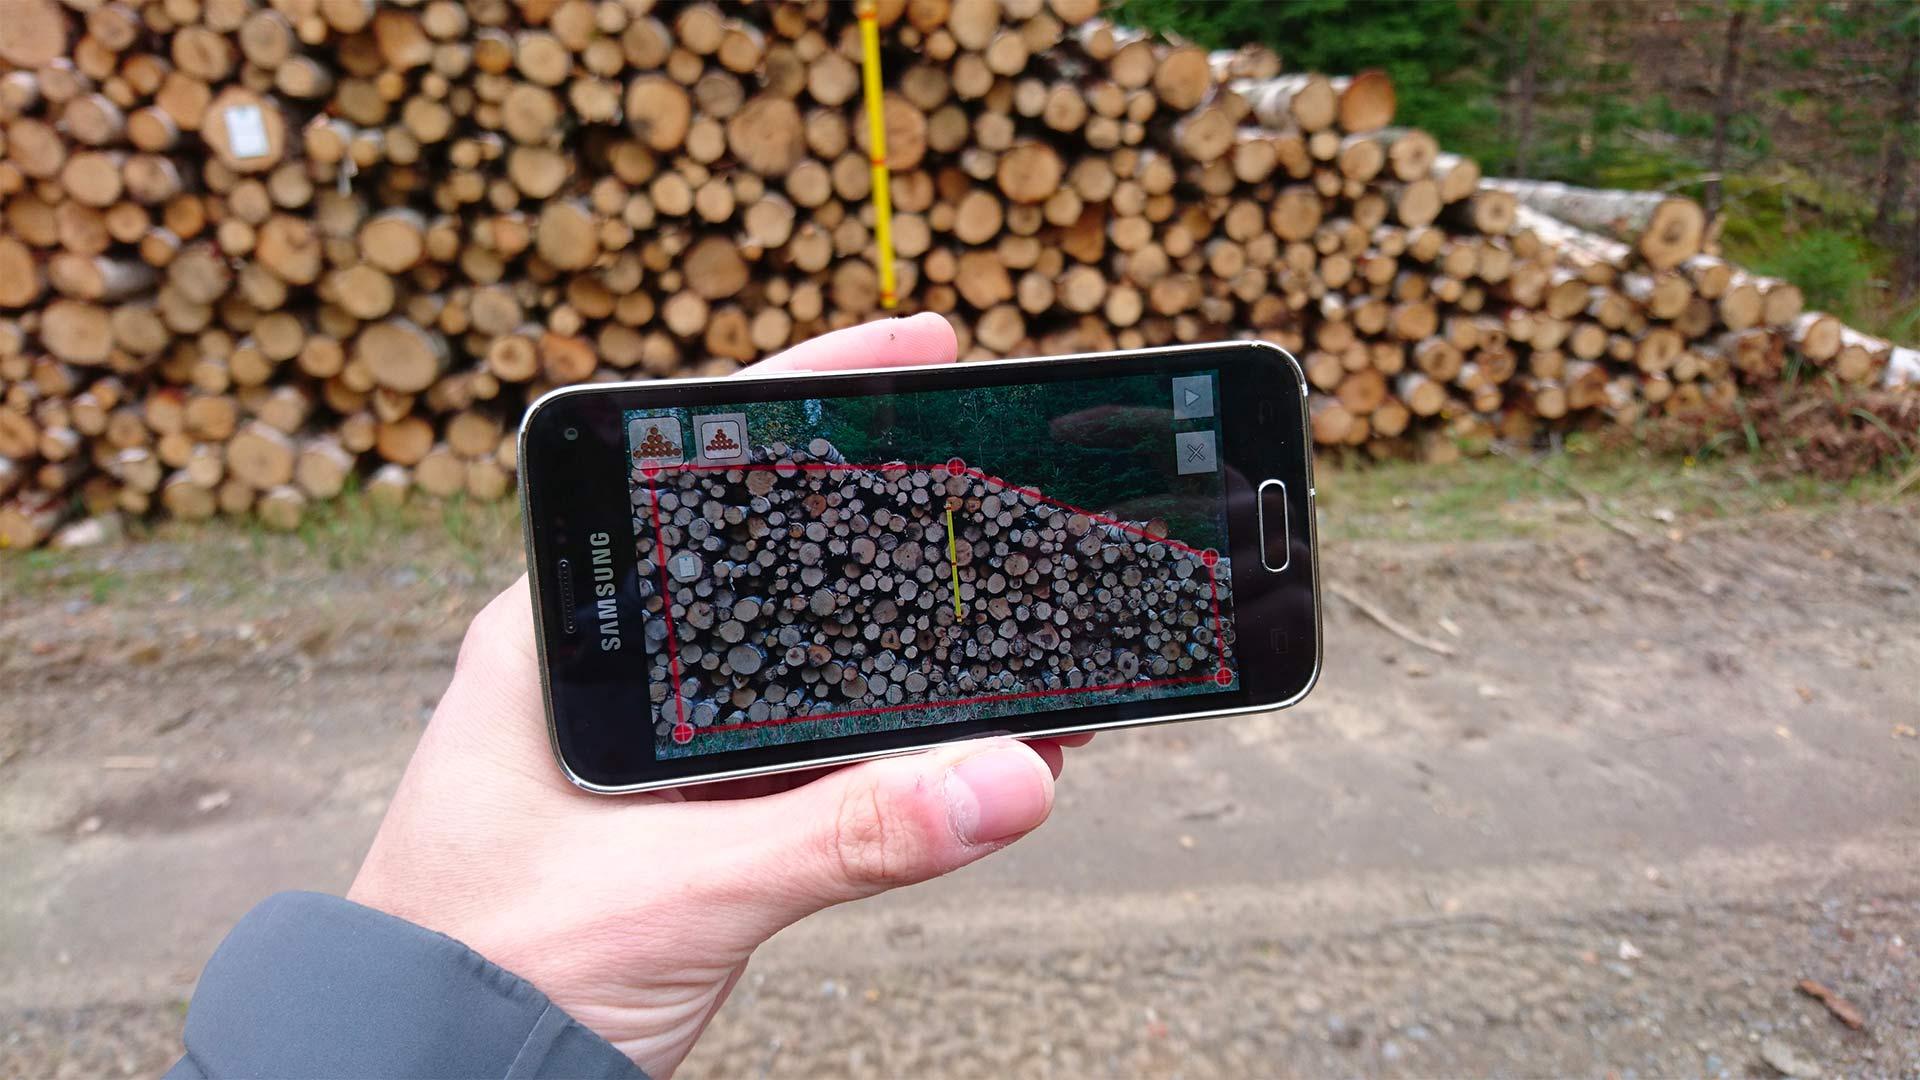 Trestima Oy - Ohjelmistoja, palveluja ja työkaluja erityisesti metsäteollisuuden käyttöön